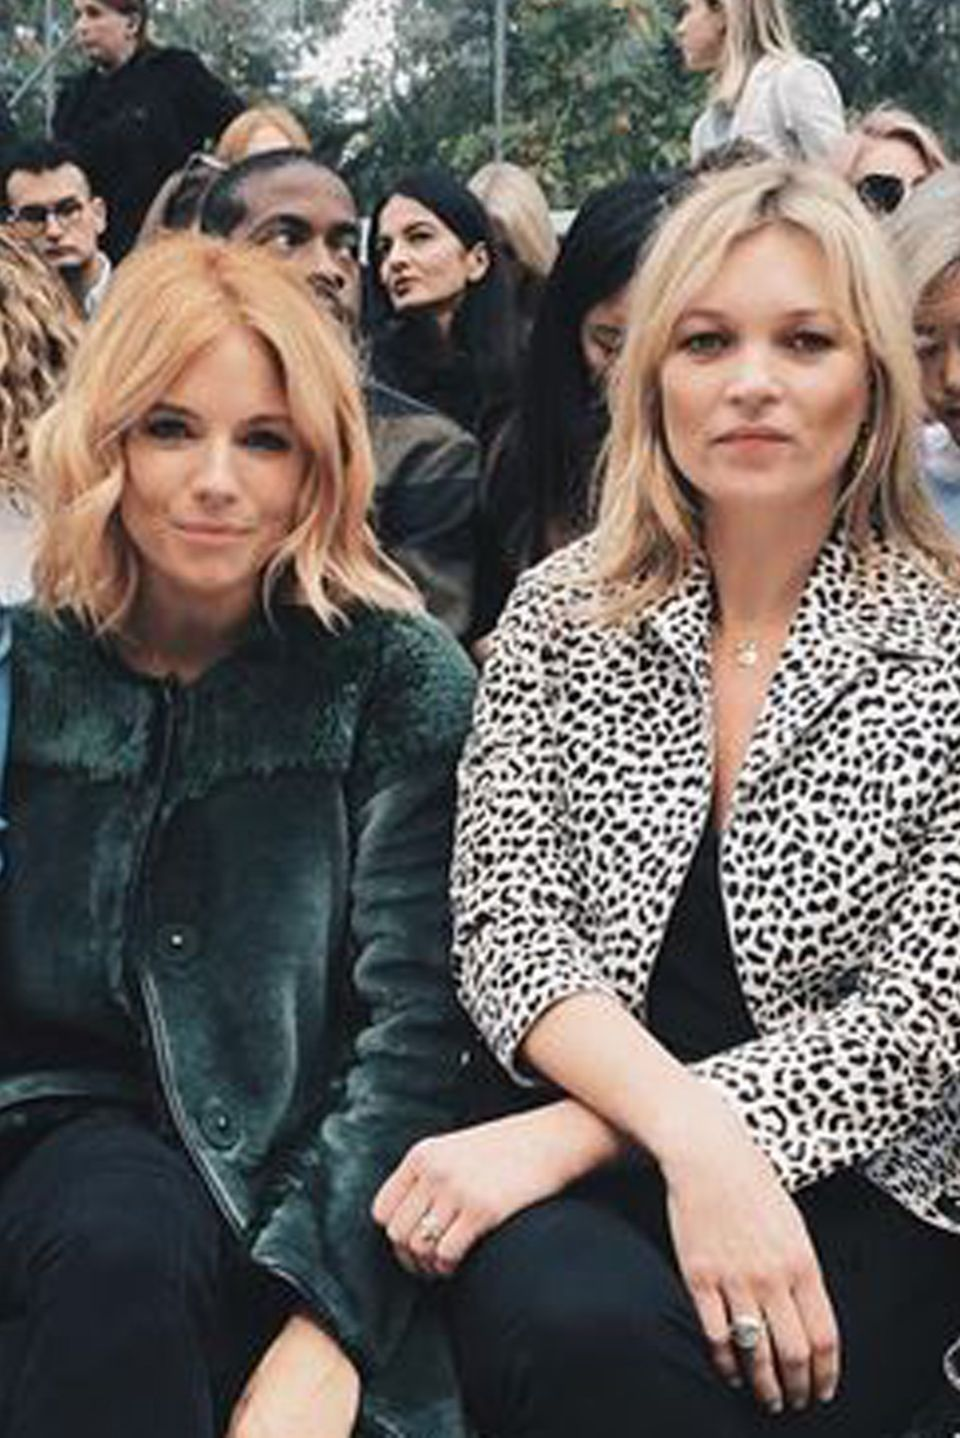 """Die volle Ladung """"Britain Power"""" in der Frontrow bei Burberry: Suki Waterhouse, Sienna Miller, Kate Moss und Cara Delevingne (von links)."""